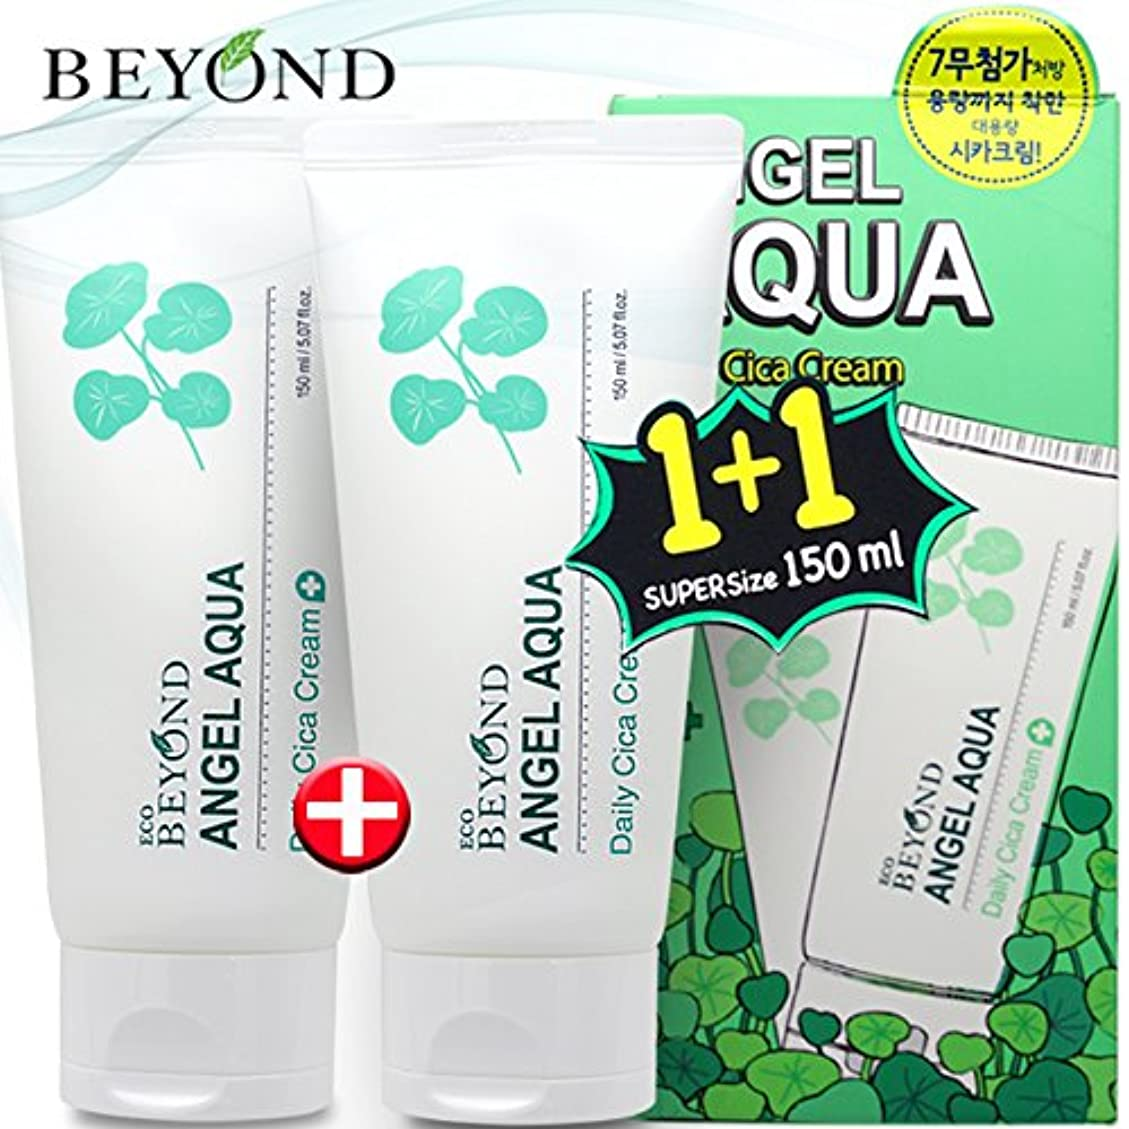 キルスレーザ主張する[ビヨンド] BEYOND [エンジェル アクア シカ クリーム スーパーサイズ 150ml*2個セット] Angel Aqua Daily Cica Cream 150ml x 2 [海外直送品]